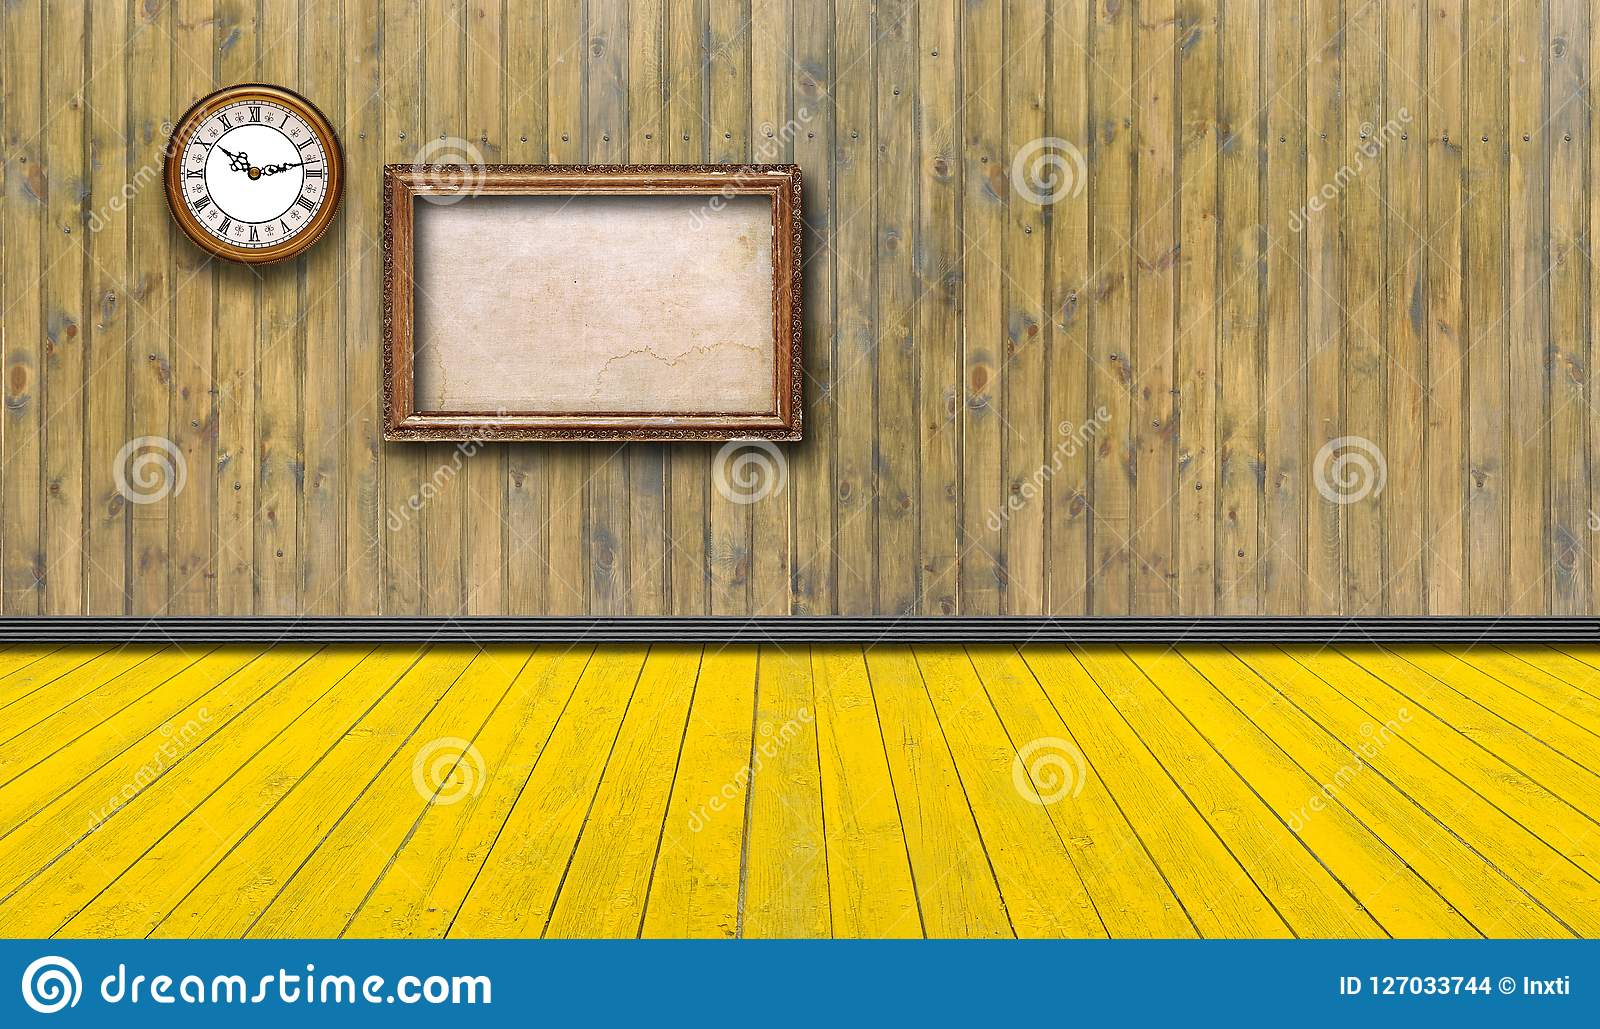 空的葡萄酒框架和手表对木墙壁